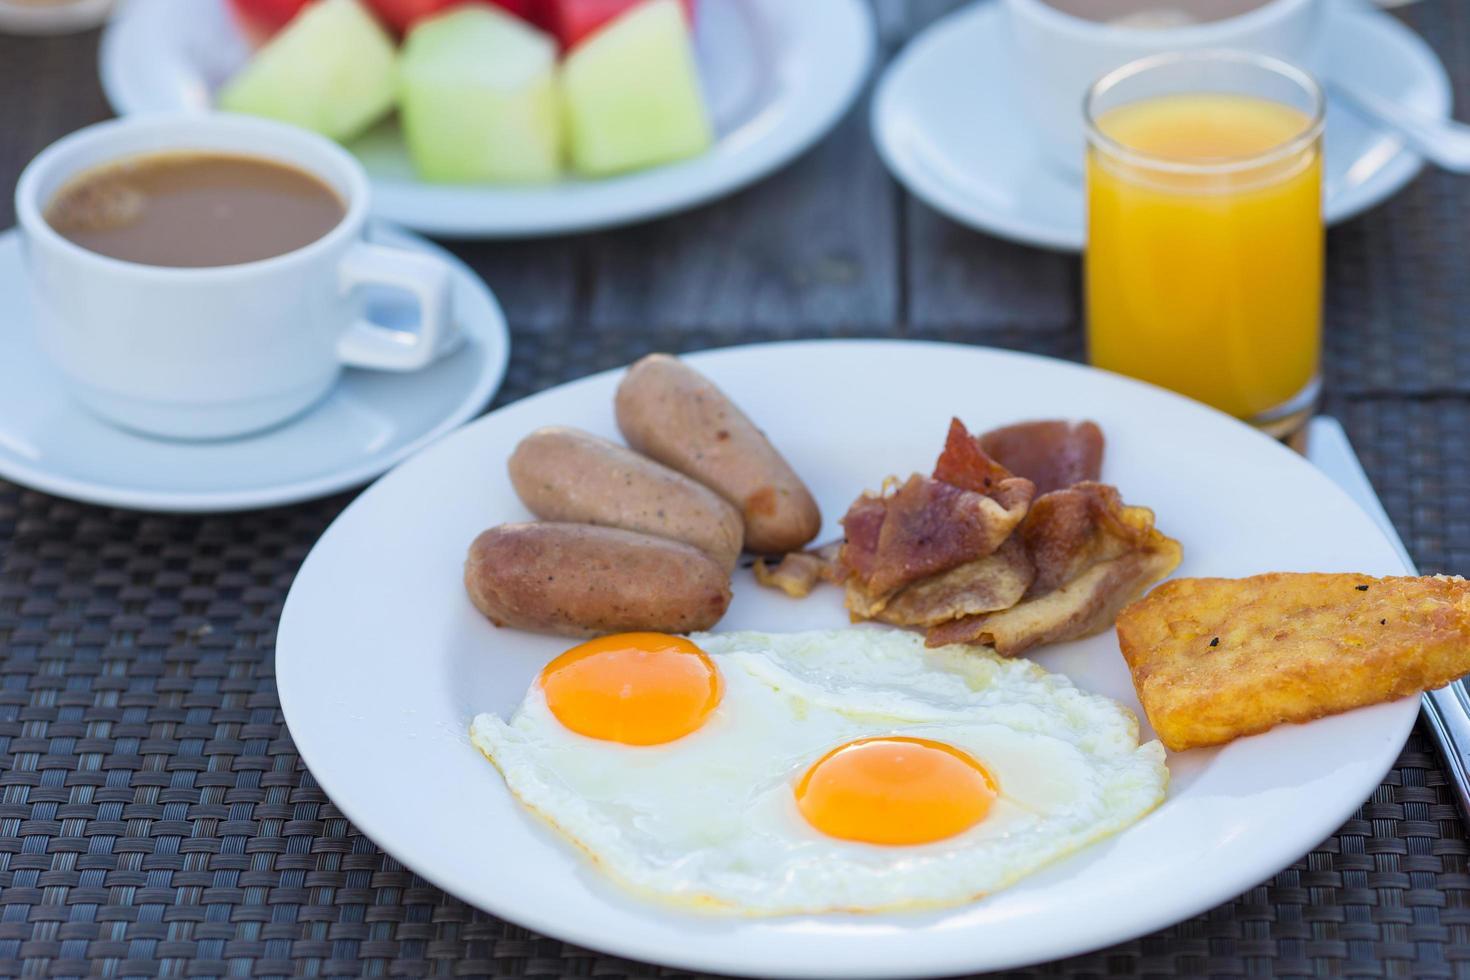 assiette avec œufs au plat, bacon et saucisses photo